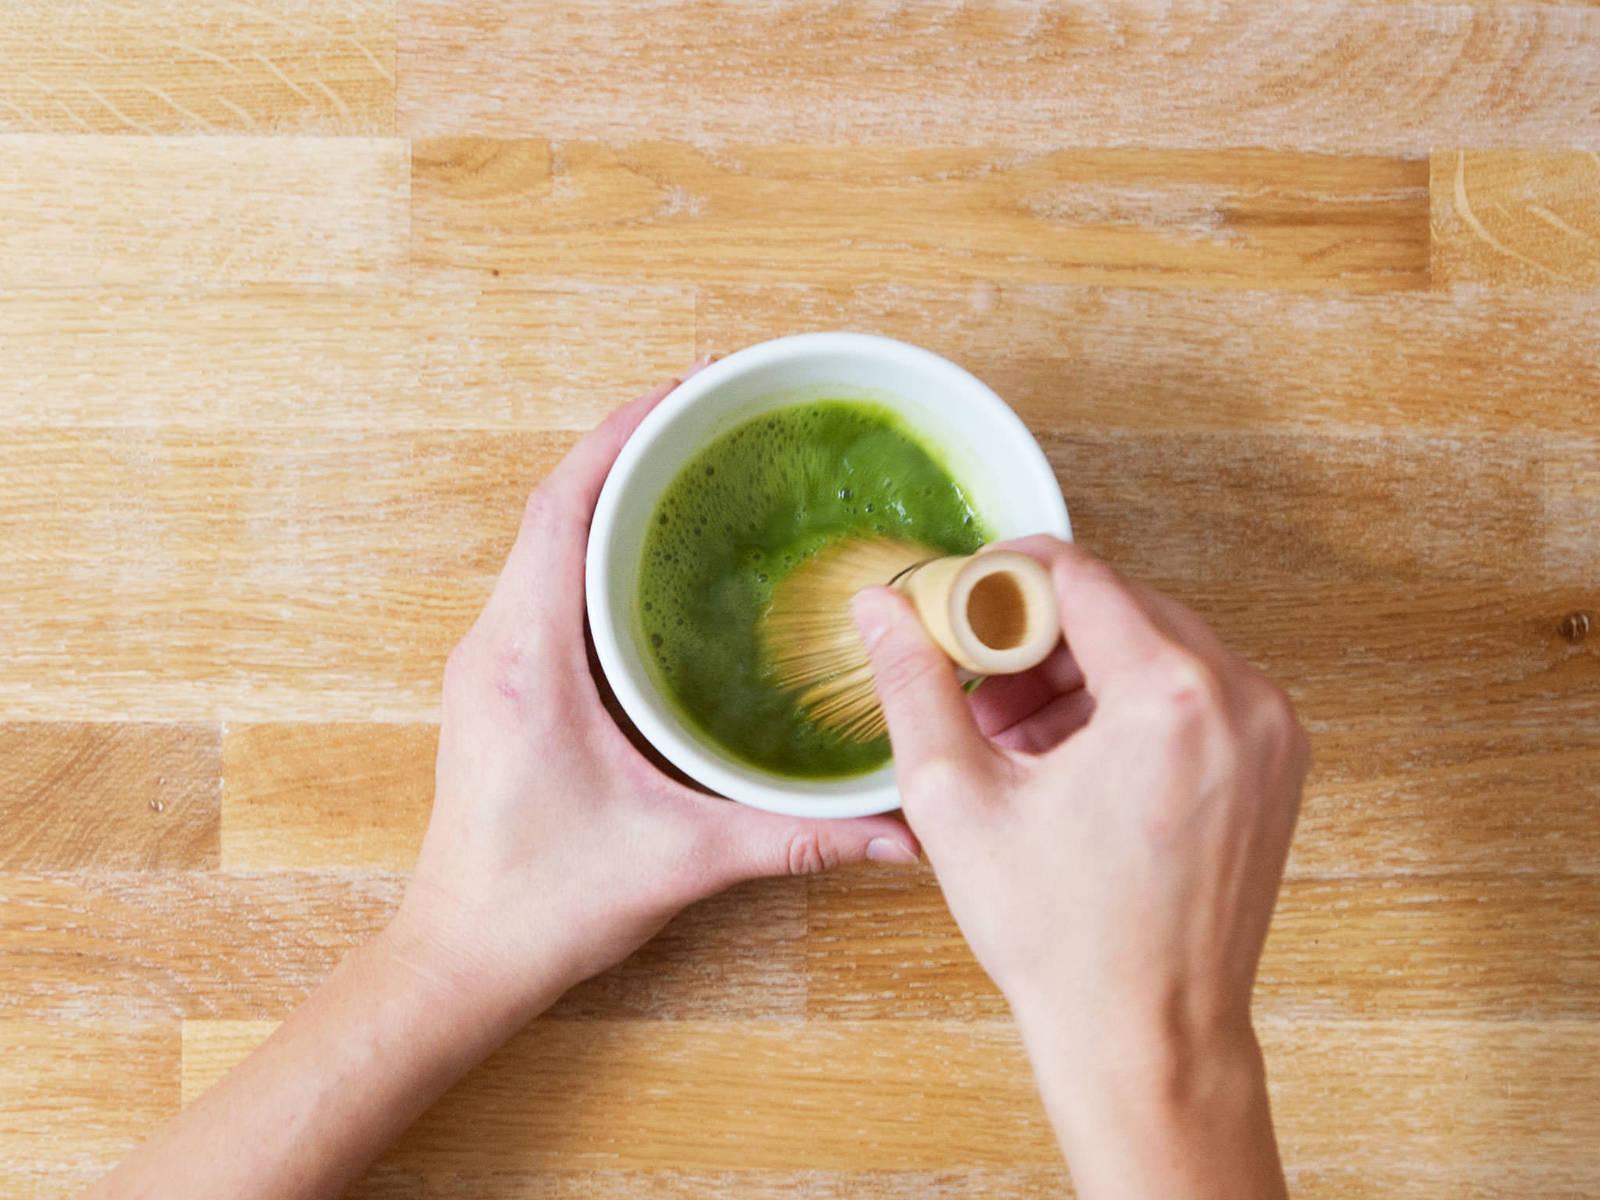 水煮沸后放凉5分钟。在一个小碗中,放入抹茶和2汤匙热水。用抹茶搅拌器小心搅拌,直至呈糊状。倒入剩余的水,轻轻搅拌30-60秒。